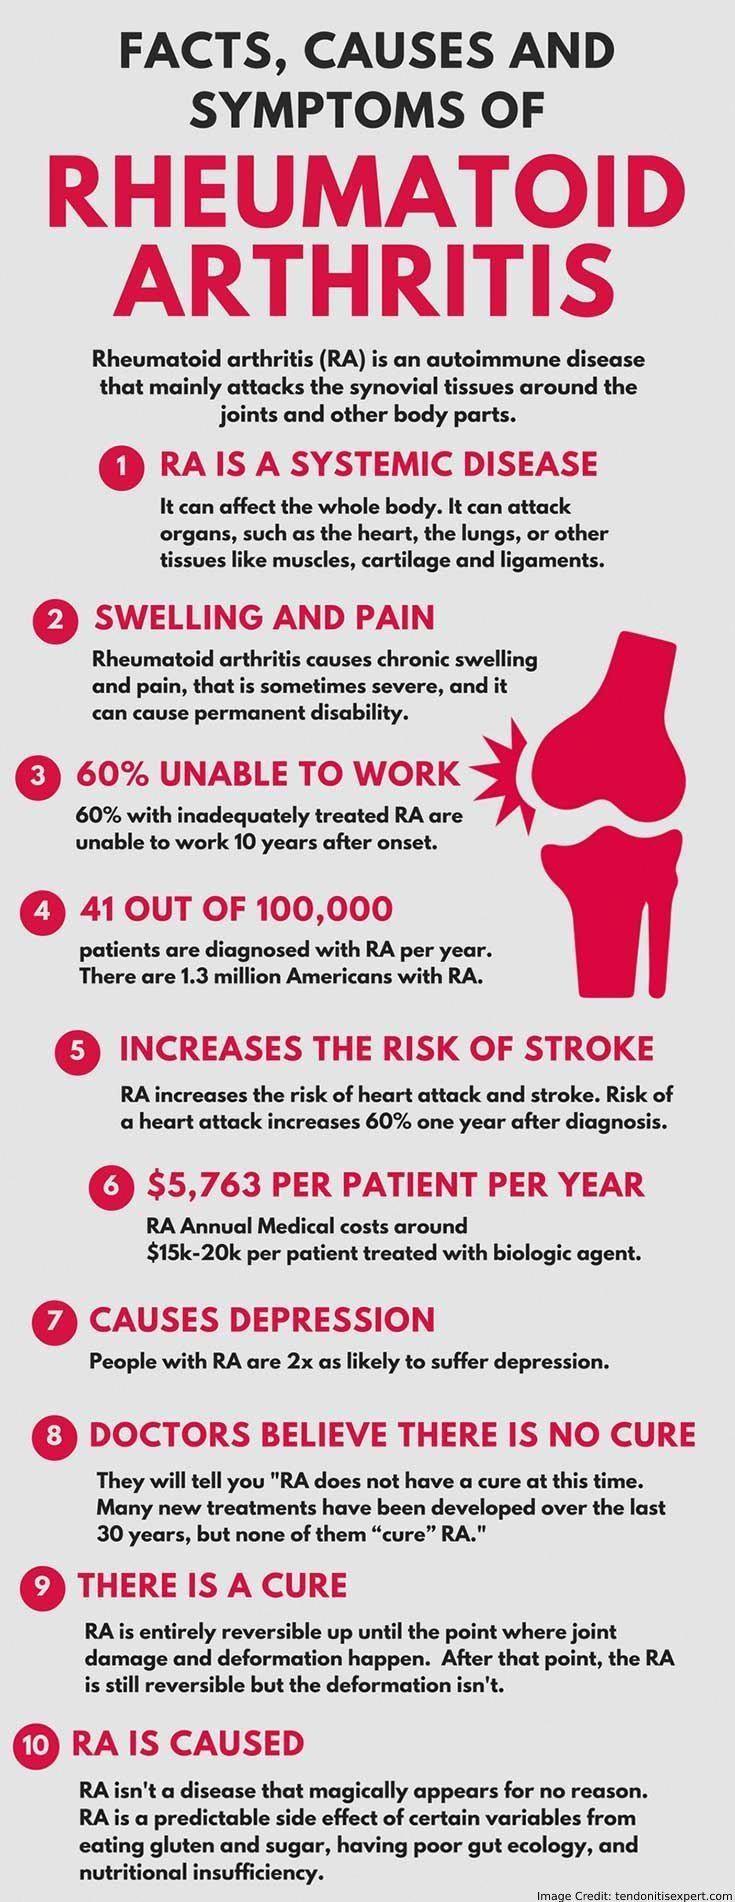 bf5f1f42fbed015f5df9610623b03901 - How Long Does It Take To Get Over Reactive Arthritis